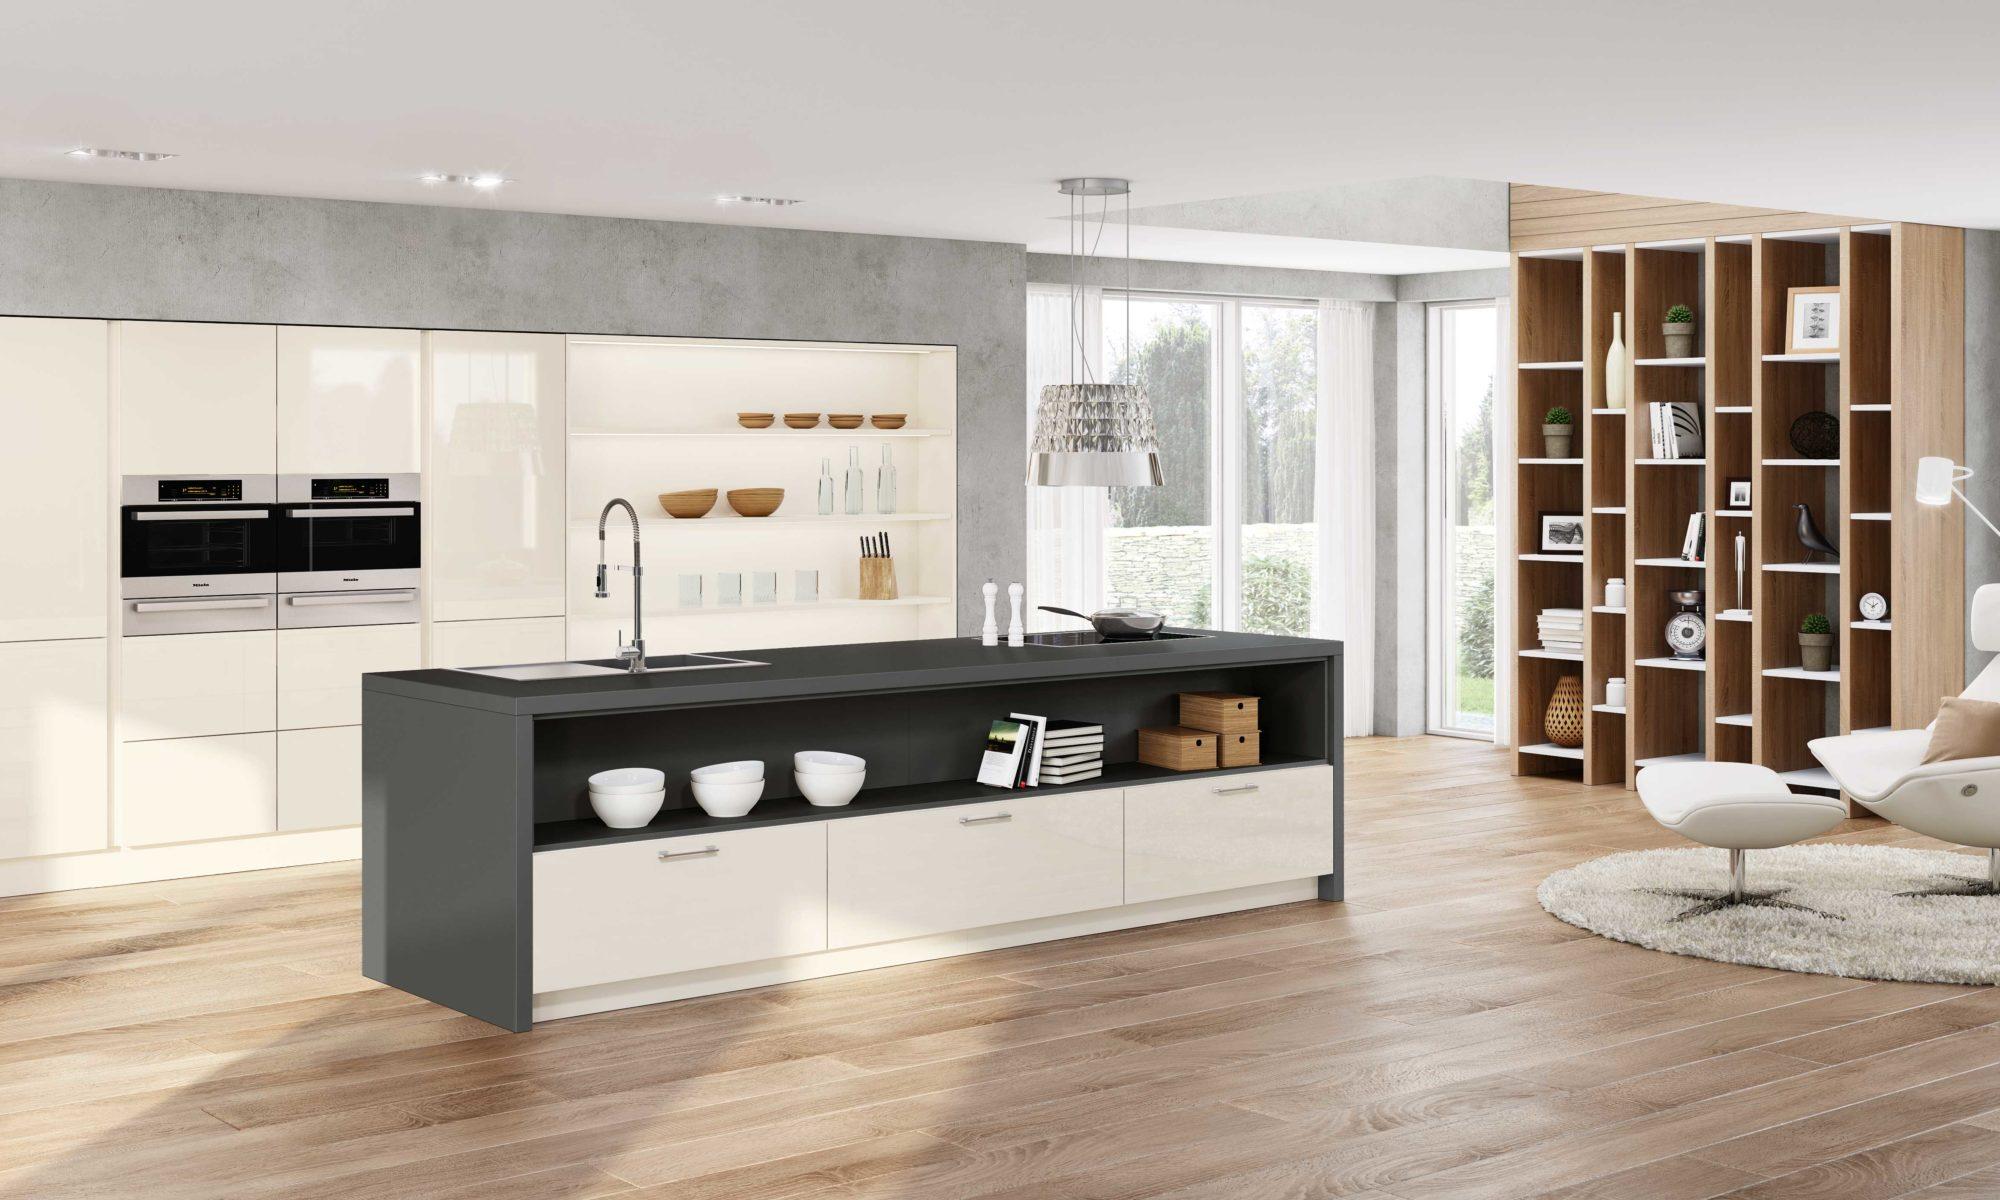 Sachsen Küchen, Tania, Holz, Design, weiß, modern, Glas